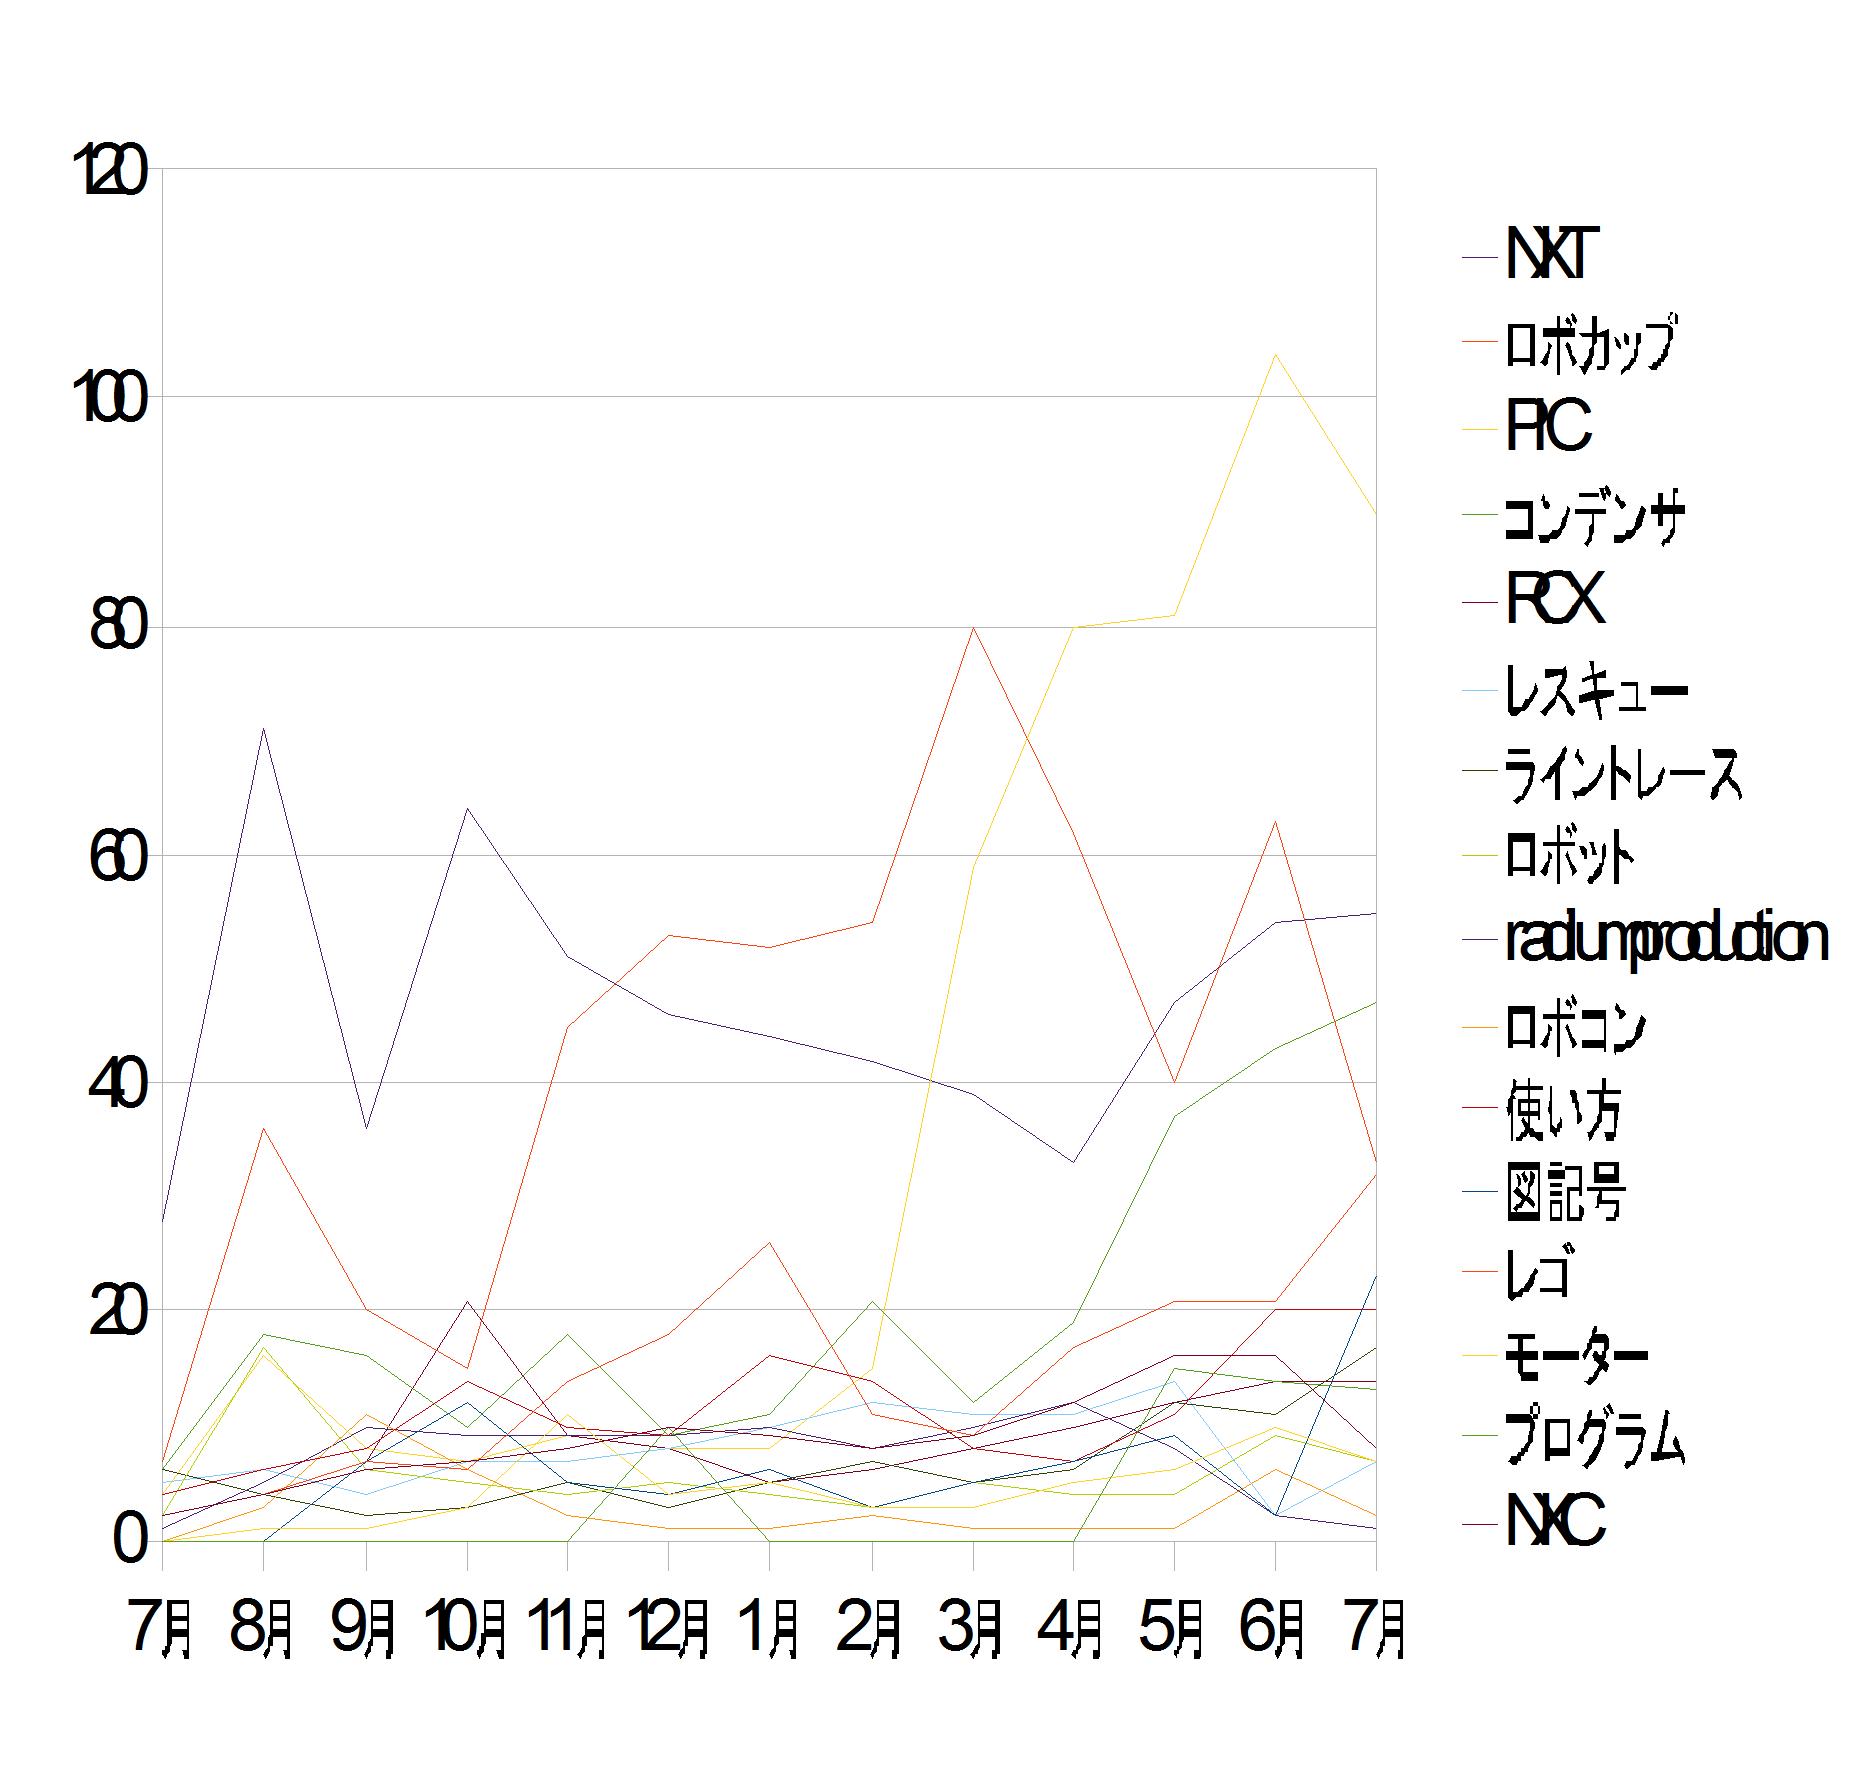 7月のグラフです。ちょっと減少気味・・・